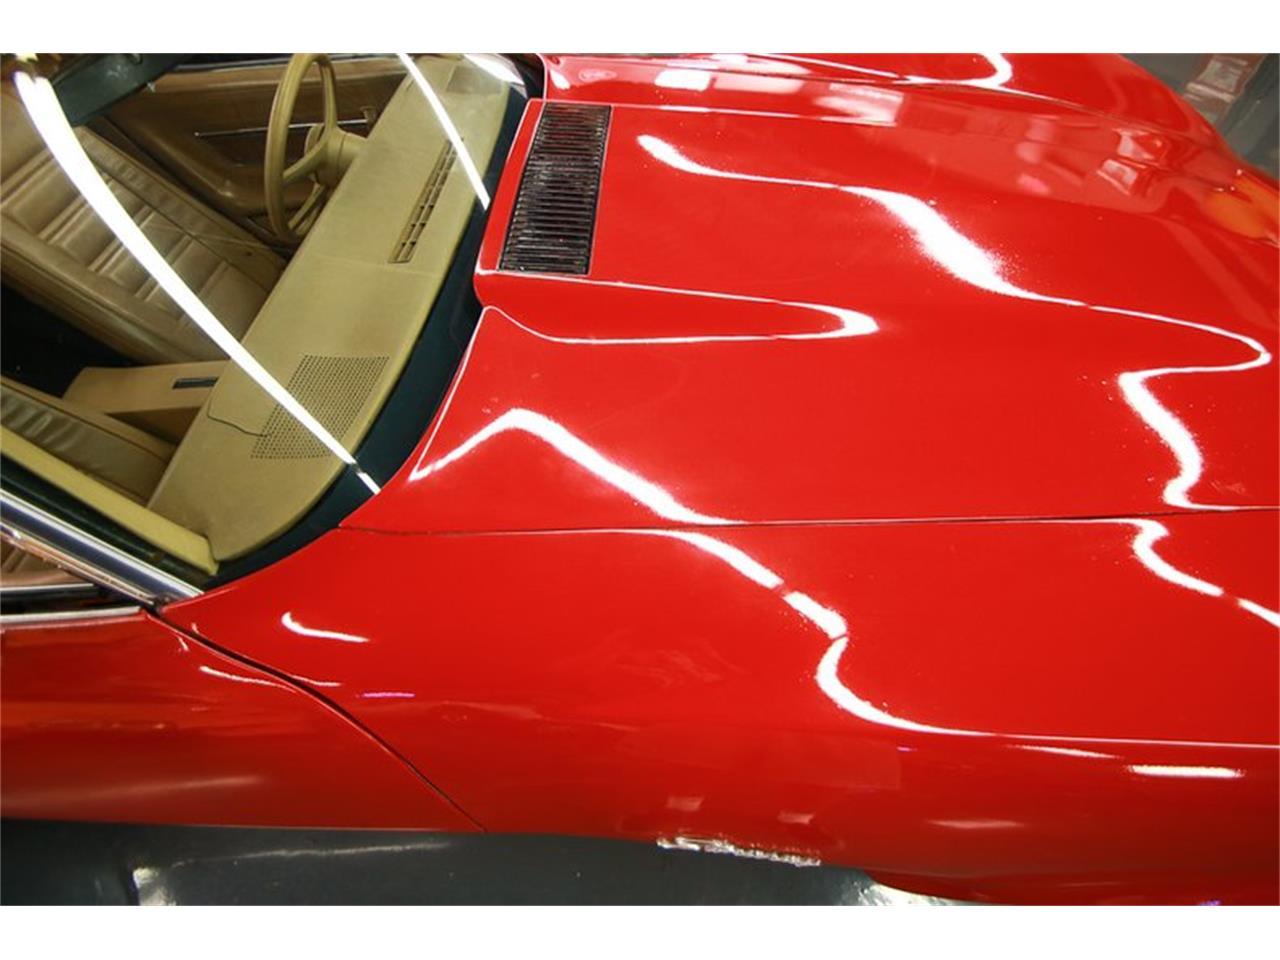 Large Picture of 1976 Corvette located in Cincinnati Ohio - $9,900.00 - QHTE